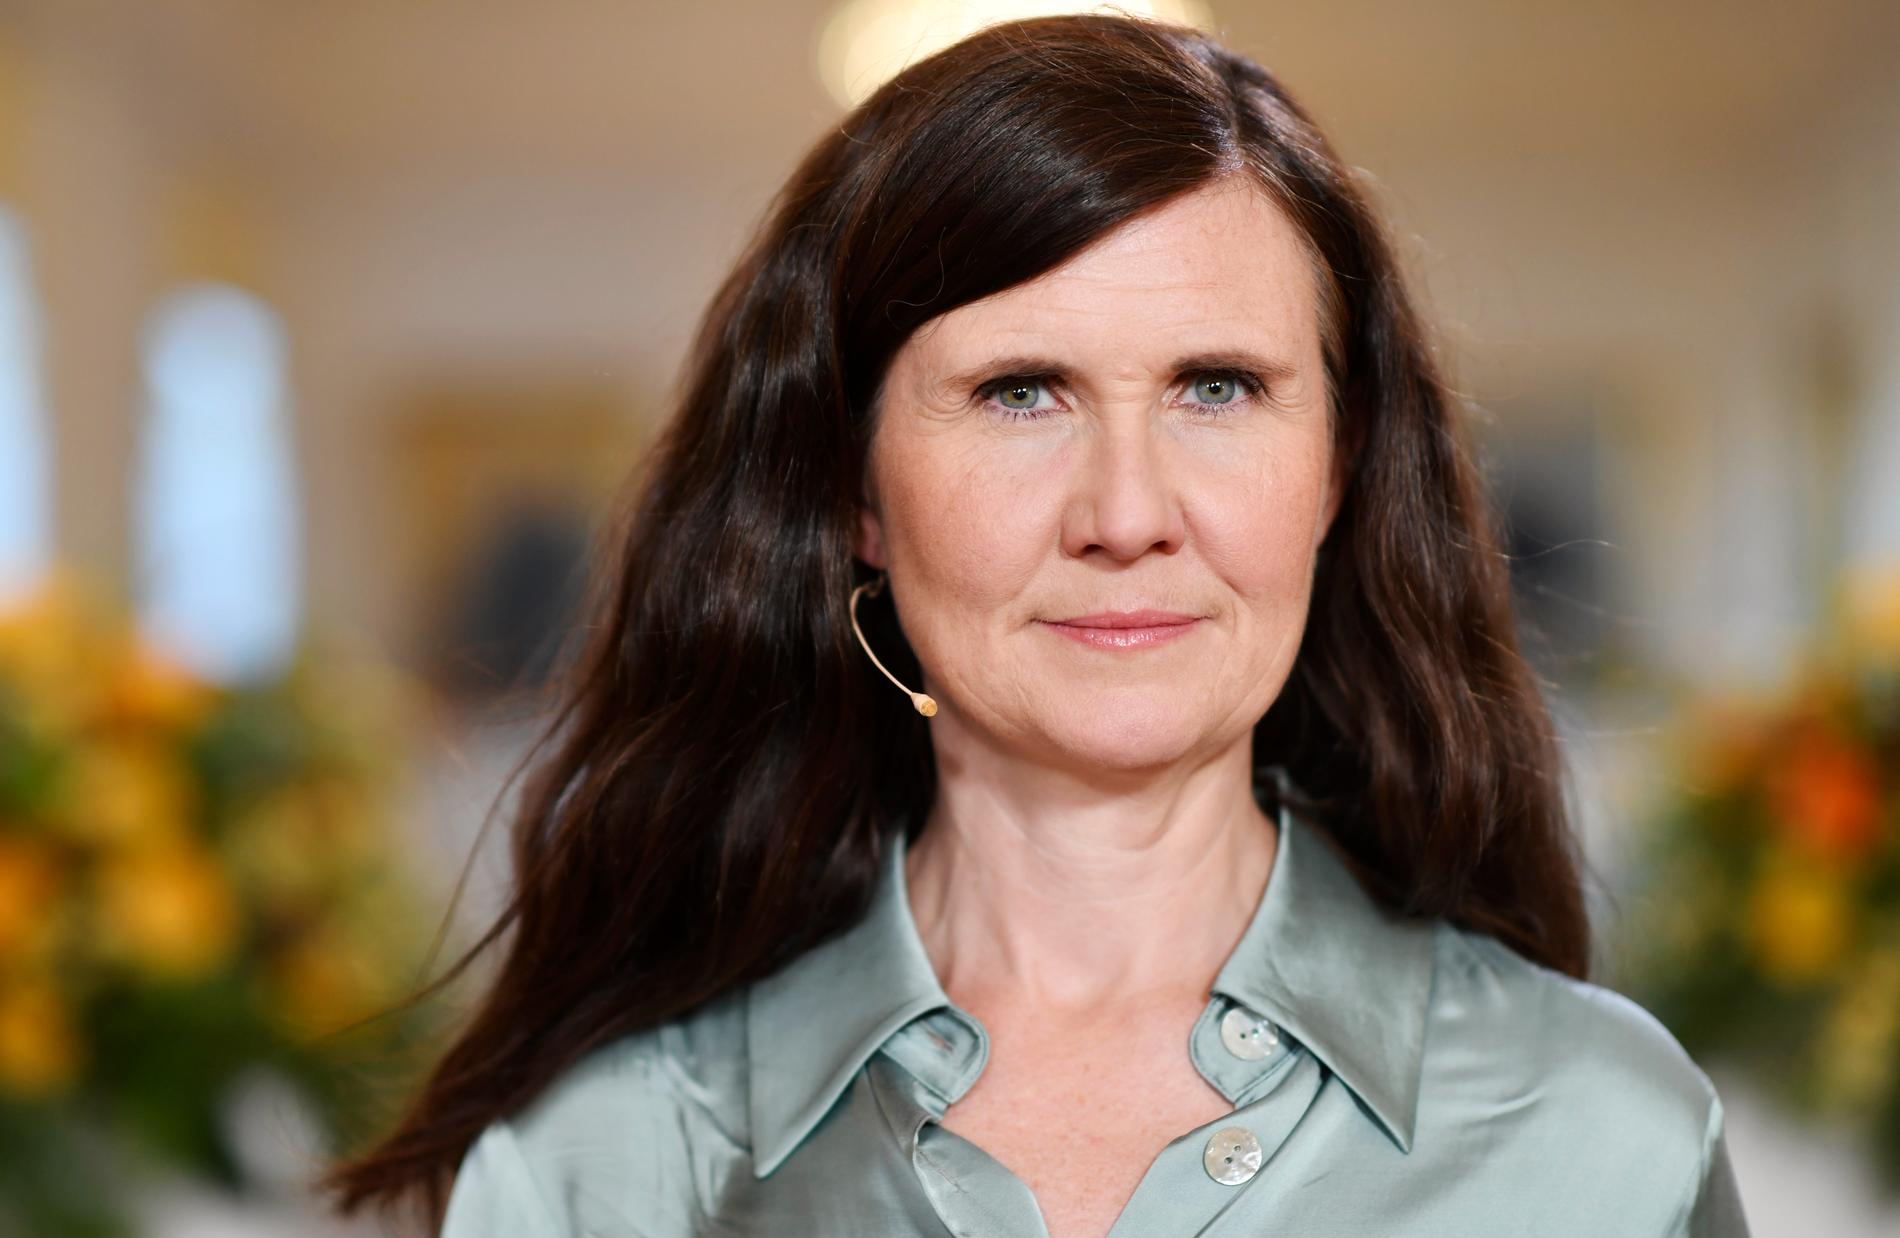 Miljöpartiets språkrör Märta Stenevi (MP) vill att alla partier redovisar vilken klimatpolitik de vill föra. Arkivbild.